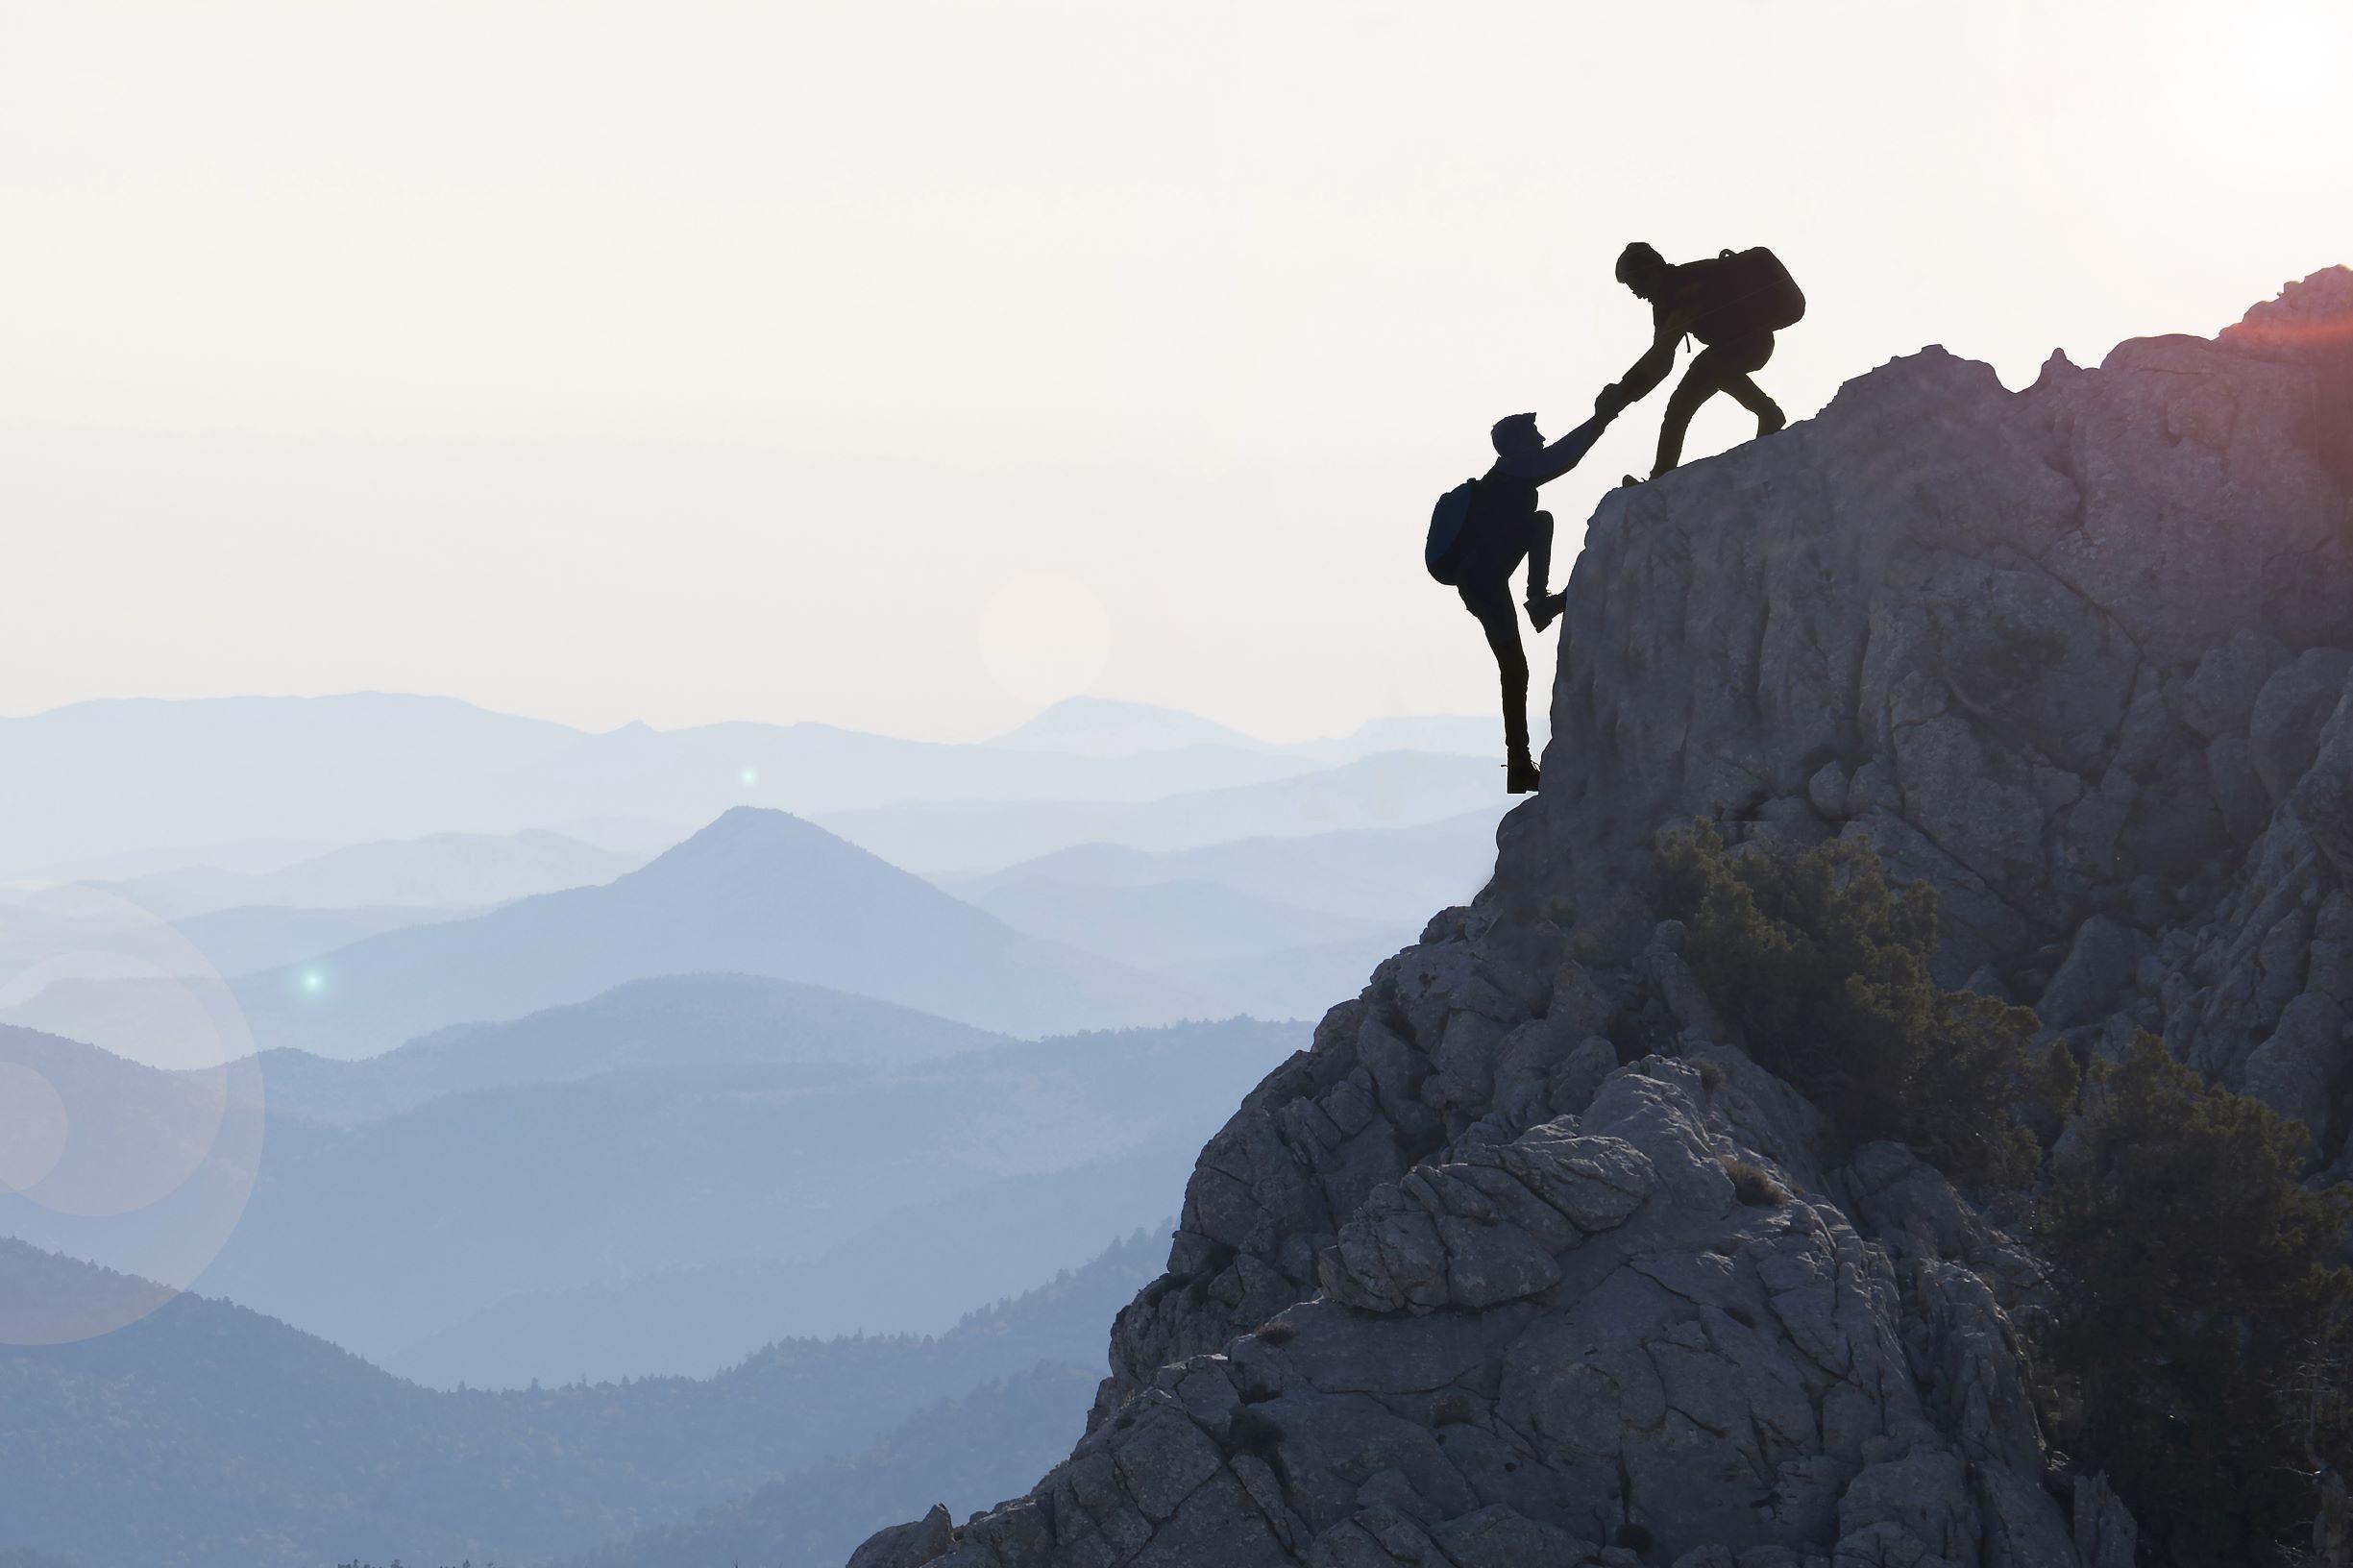 Ein Bergsteiger hilft seinem Freund bis auf die Spitze - LuArtX unterstuetzt Sie bis zum Erfolg